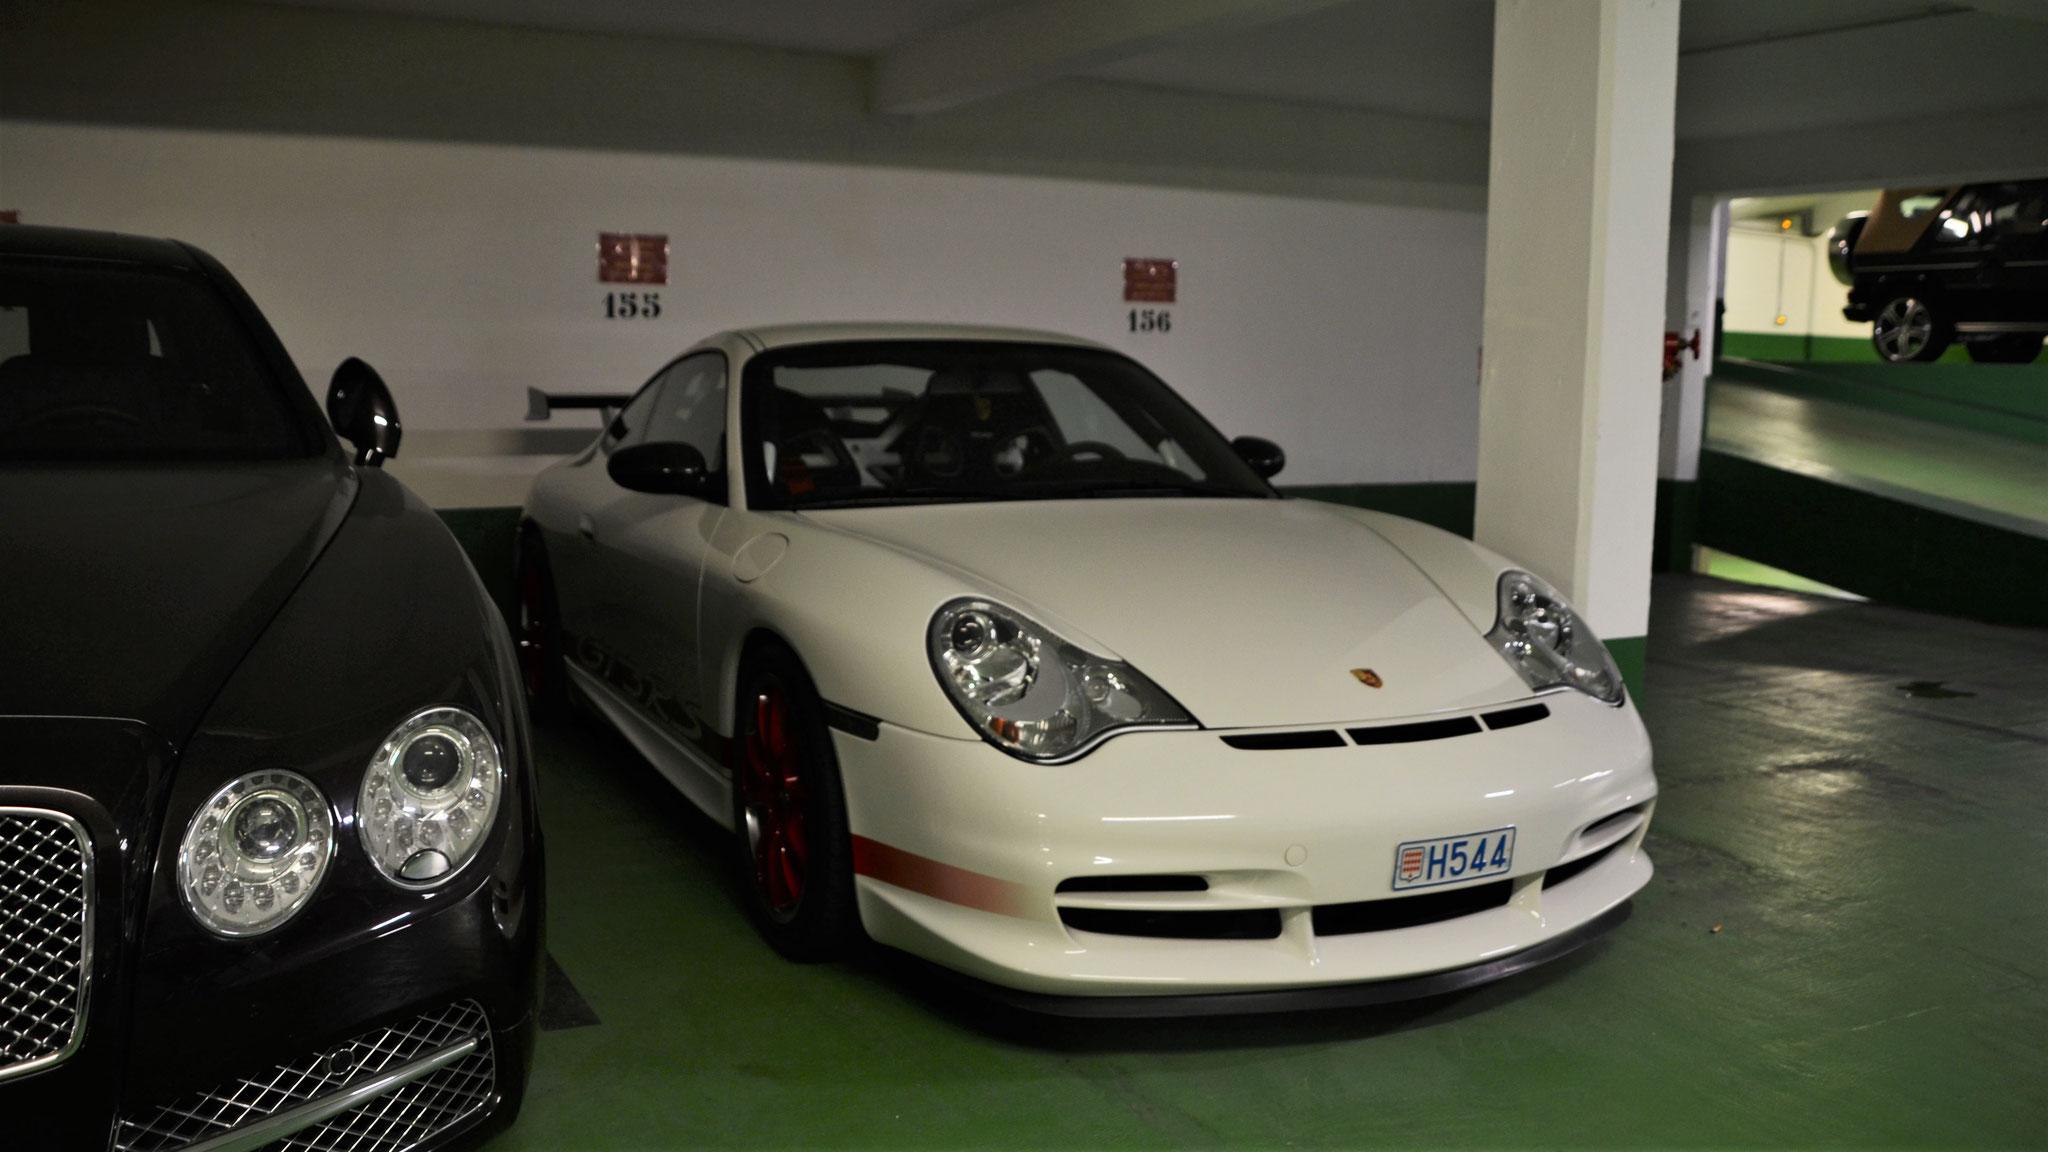 Porsche 911 996 GT3 RS - H544 (MC)